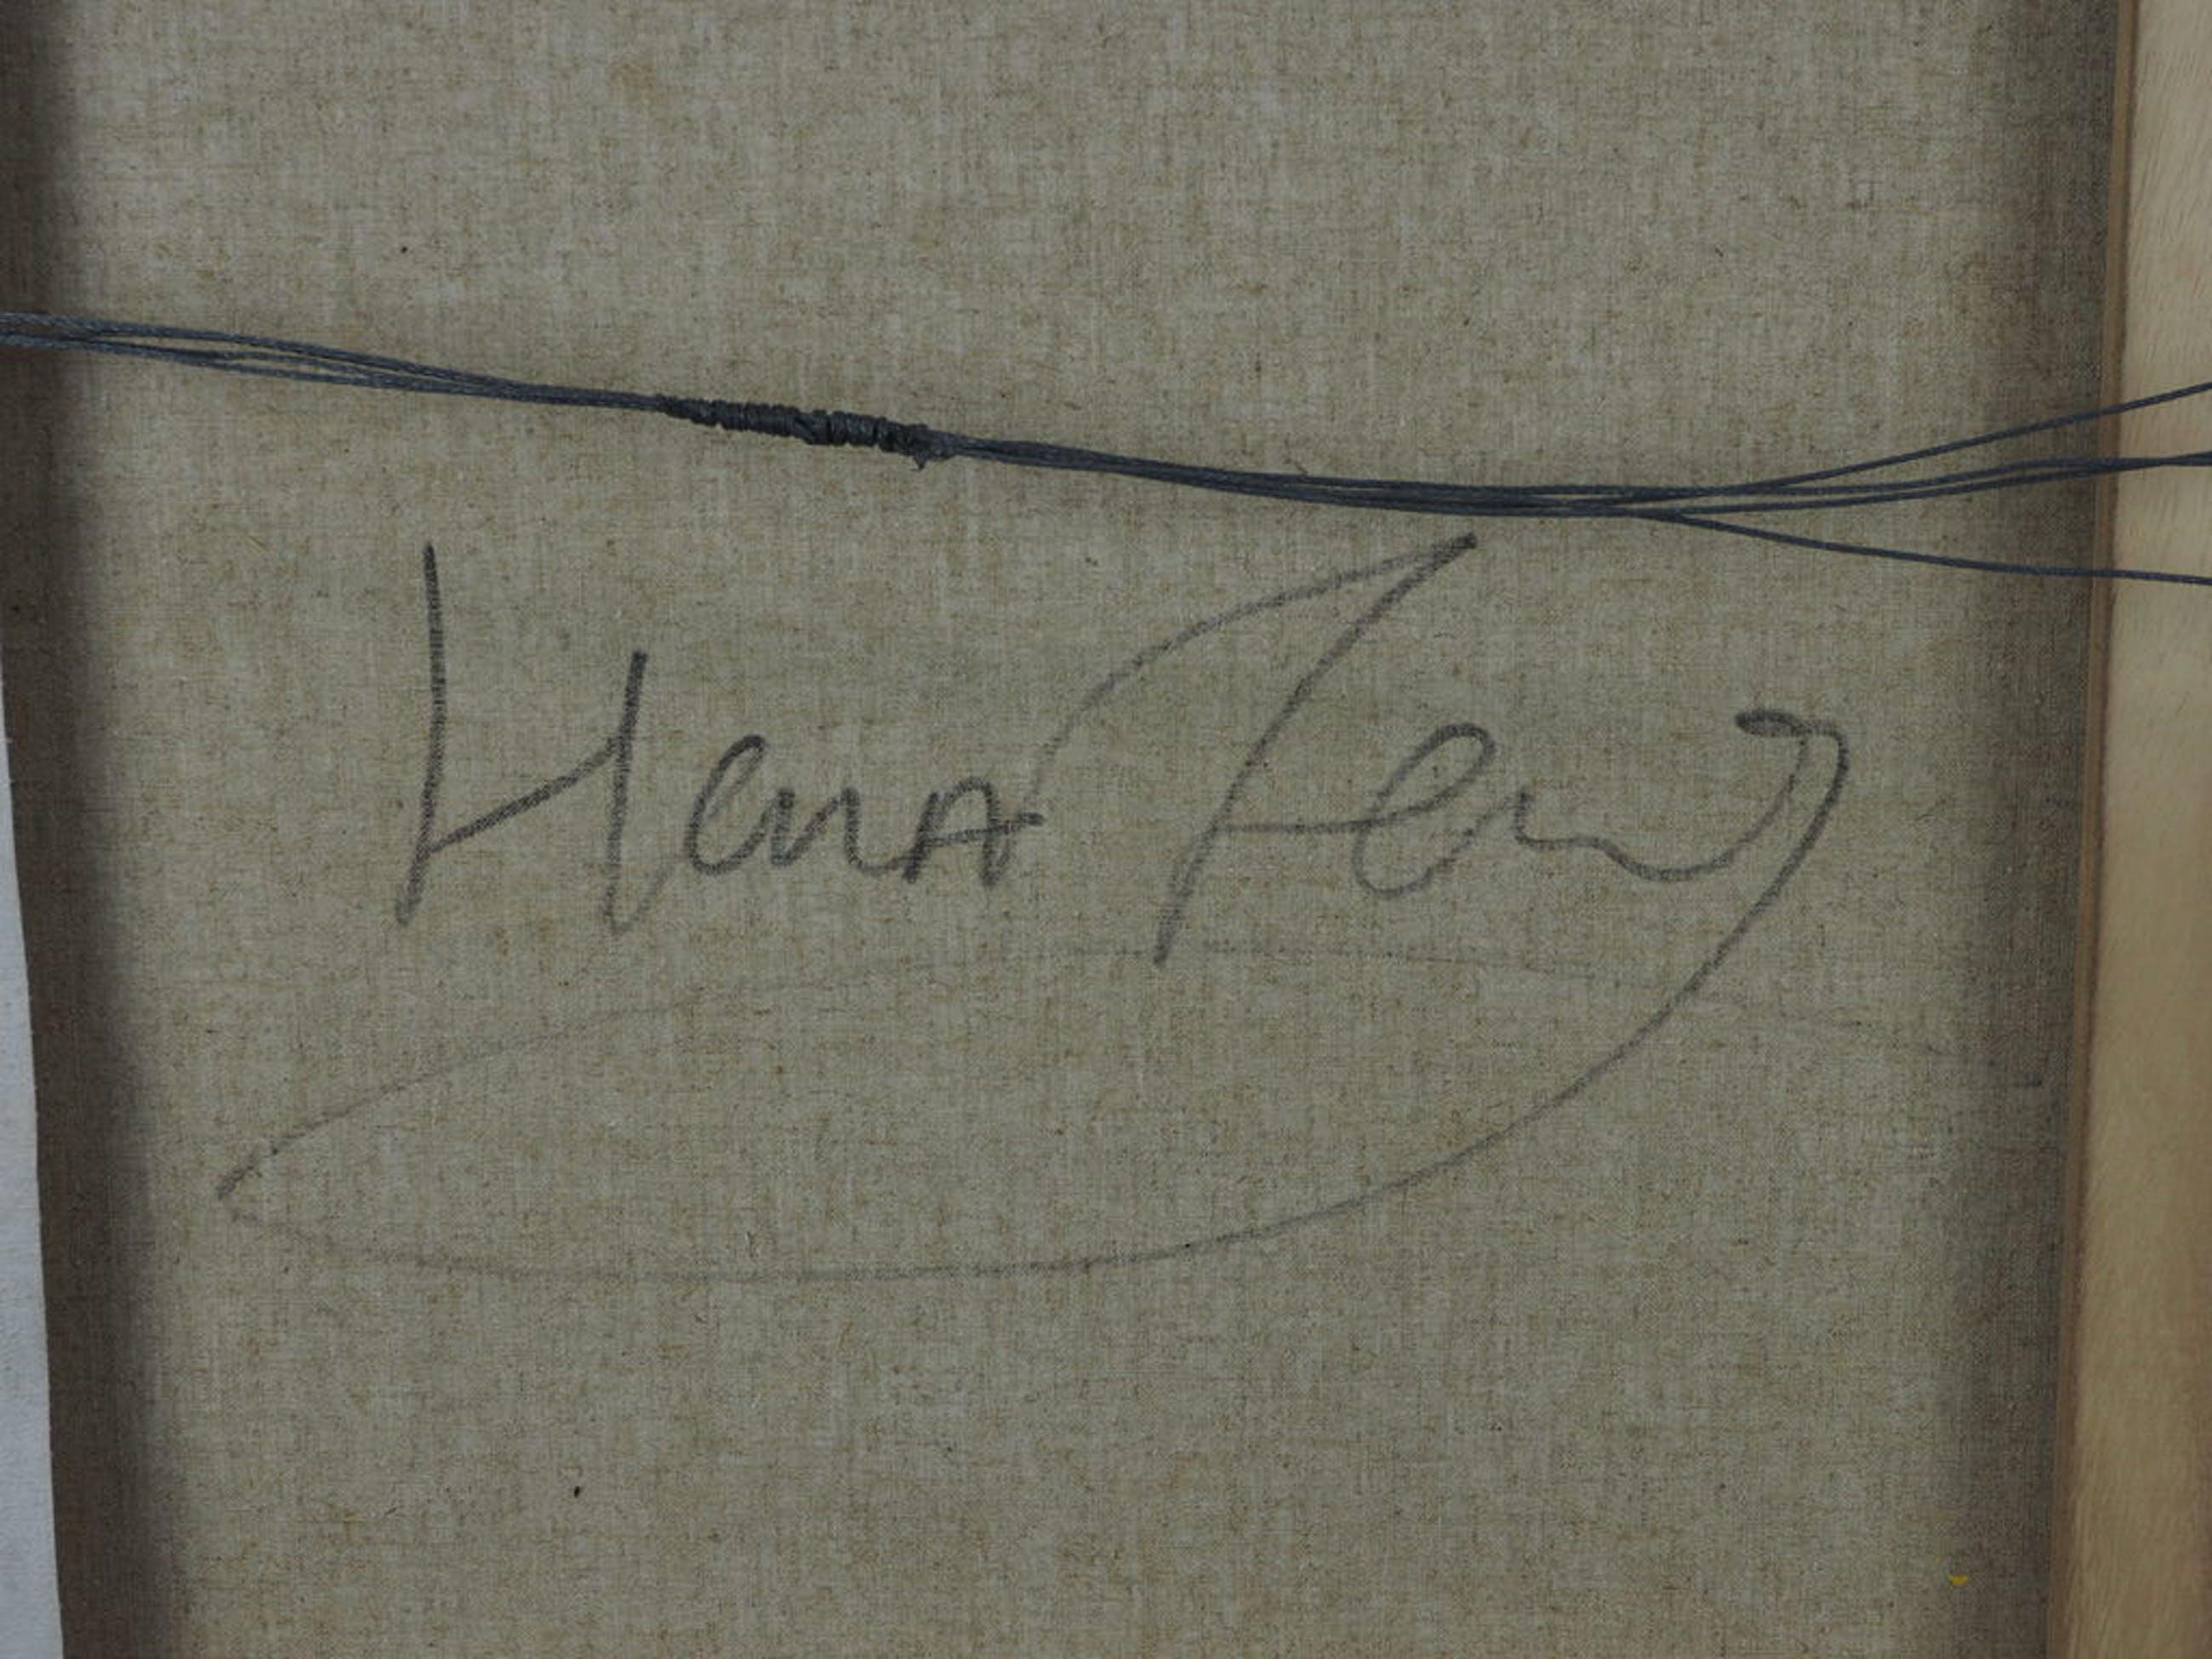 Han Teng: Origineel op linnen, zonder titel kopen? Bied vanaf 100!